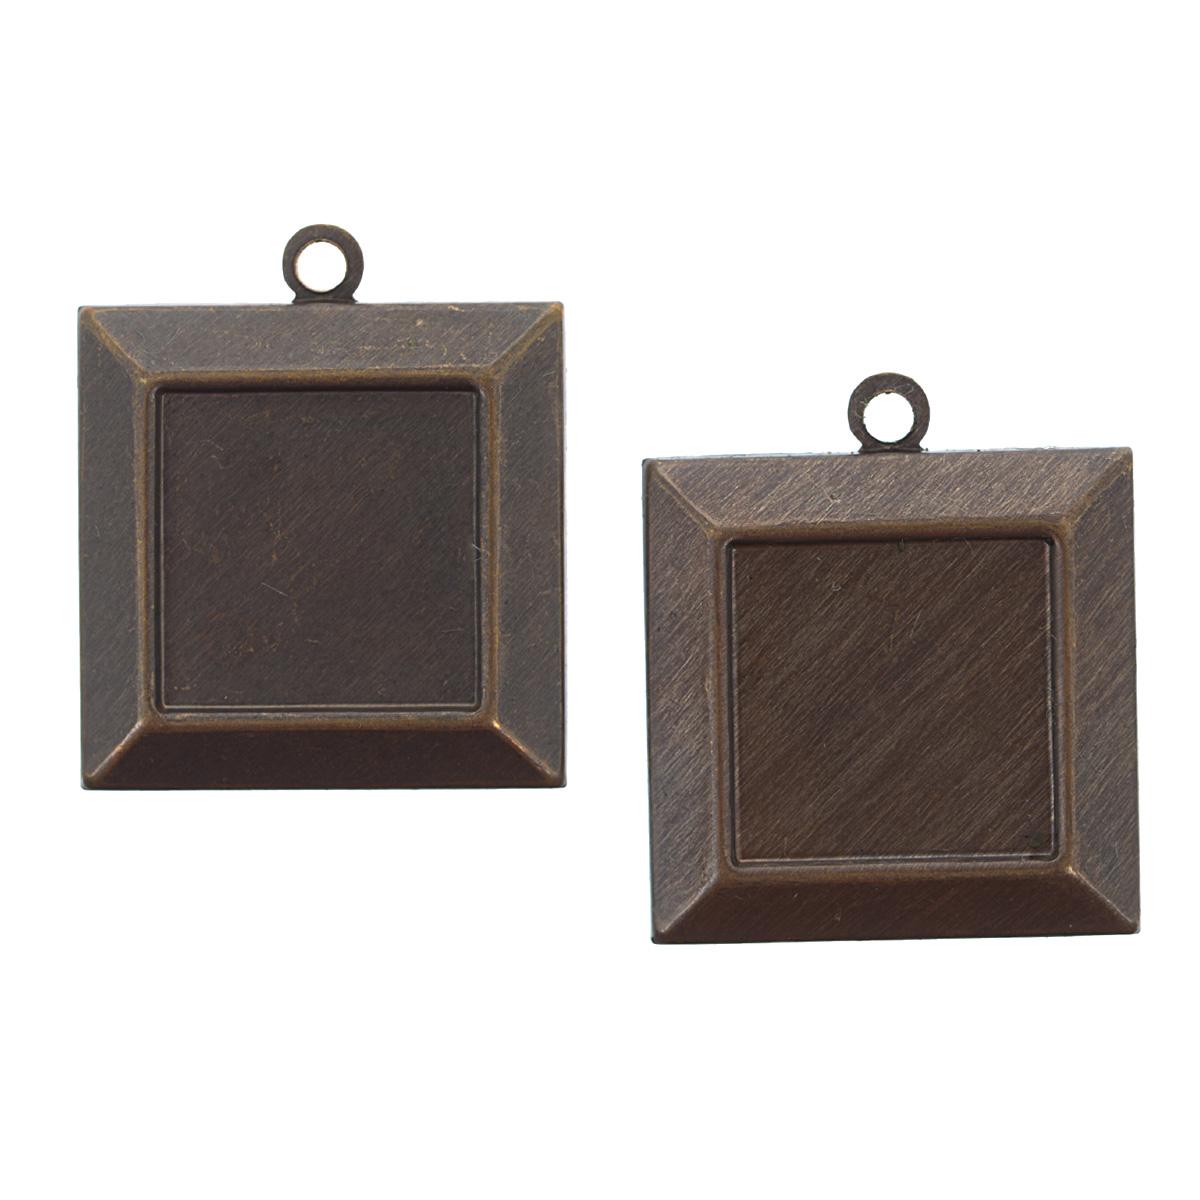 Набор подвесок Vintaj Кулон с рамкой, 20 мм х 20 мм, 2 штP340RRНабор Vintaj Кулон с рамкой состоит из 2 декоративных подвесок, изготовленных из металла и предназначенных для декорирования в различных техниках. Подвески, выполненные в форме квадратных кулонов, декорированных рельефной рамкой, отличаются прочностью и практичностью. С их помощью вы сможете украсить фотографию, альбом, одежду, подарок и другие предметы ручной работы. Изготовление украшений - занимательное хобби и реализация творческих способностей рукодельницы. Радуйте себя и своих близких украшениями, сделанными своими руками! Размер подвески: 20 мм х 20 мм х 1 мм.